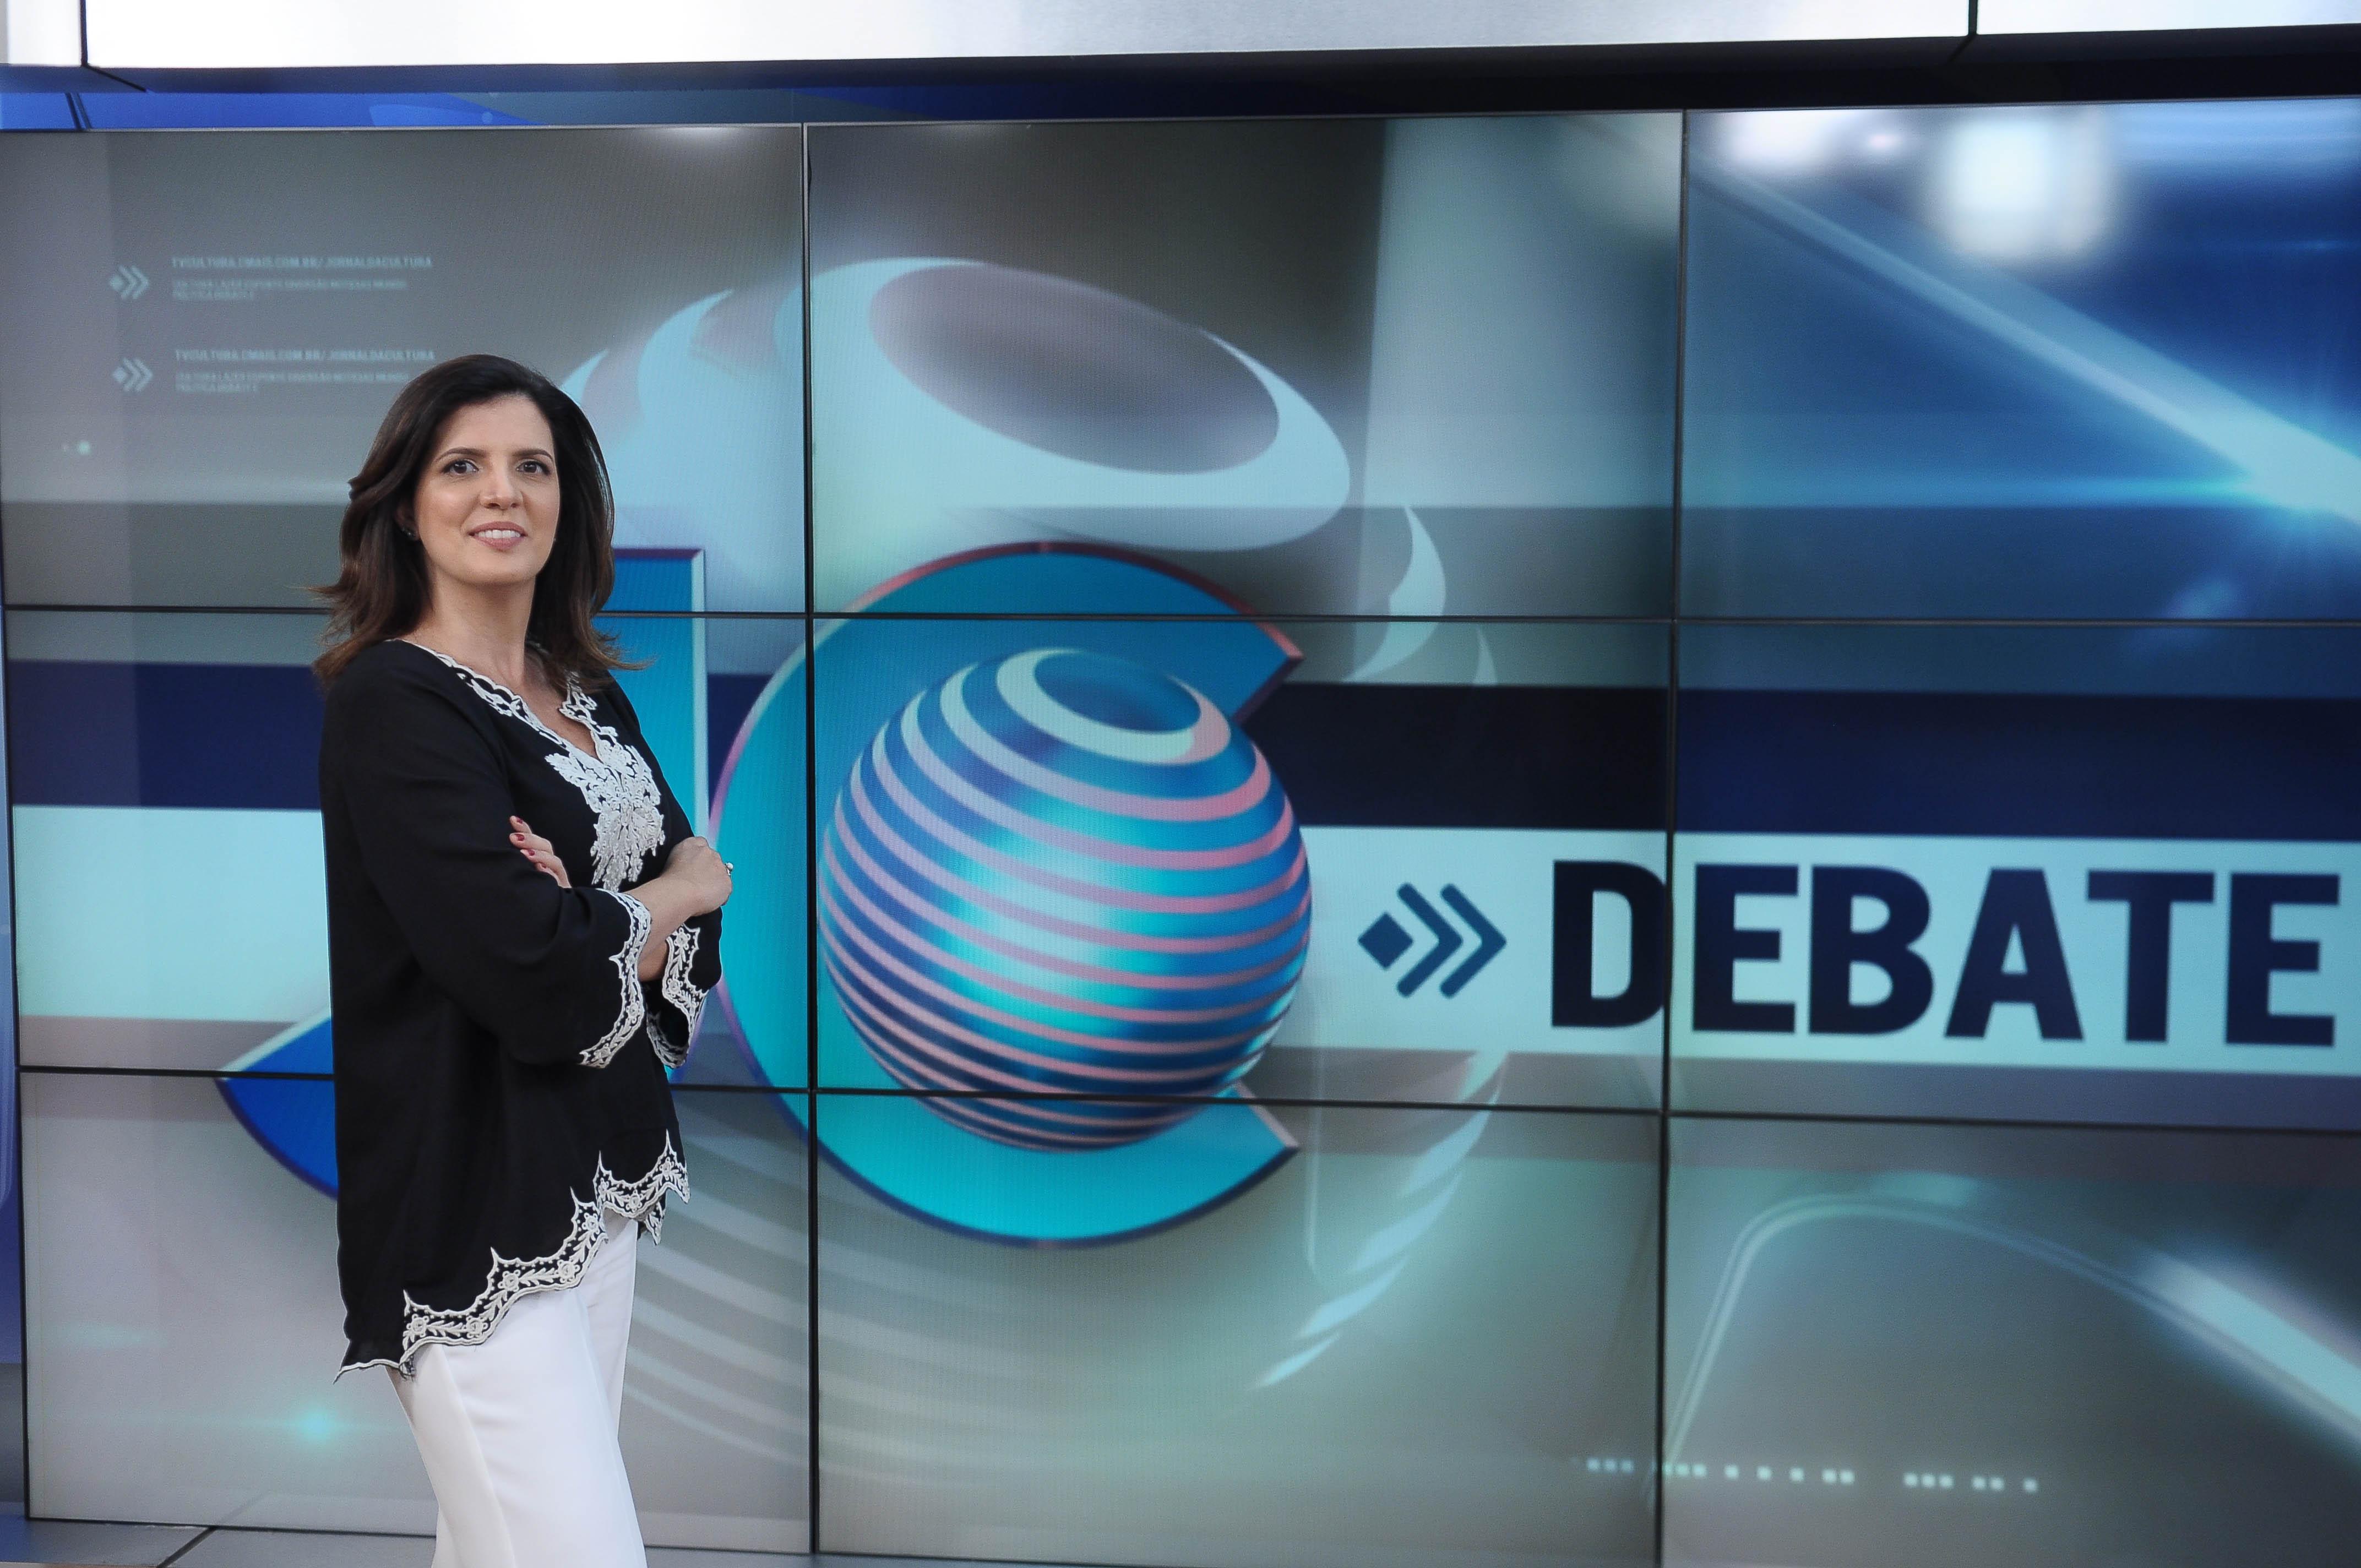 O programa também mostra as consequências na vida dos brasileiros. Vai ao ar na sexta-feira (18/3), às 12h30, na TV Cultura